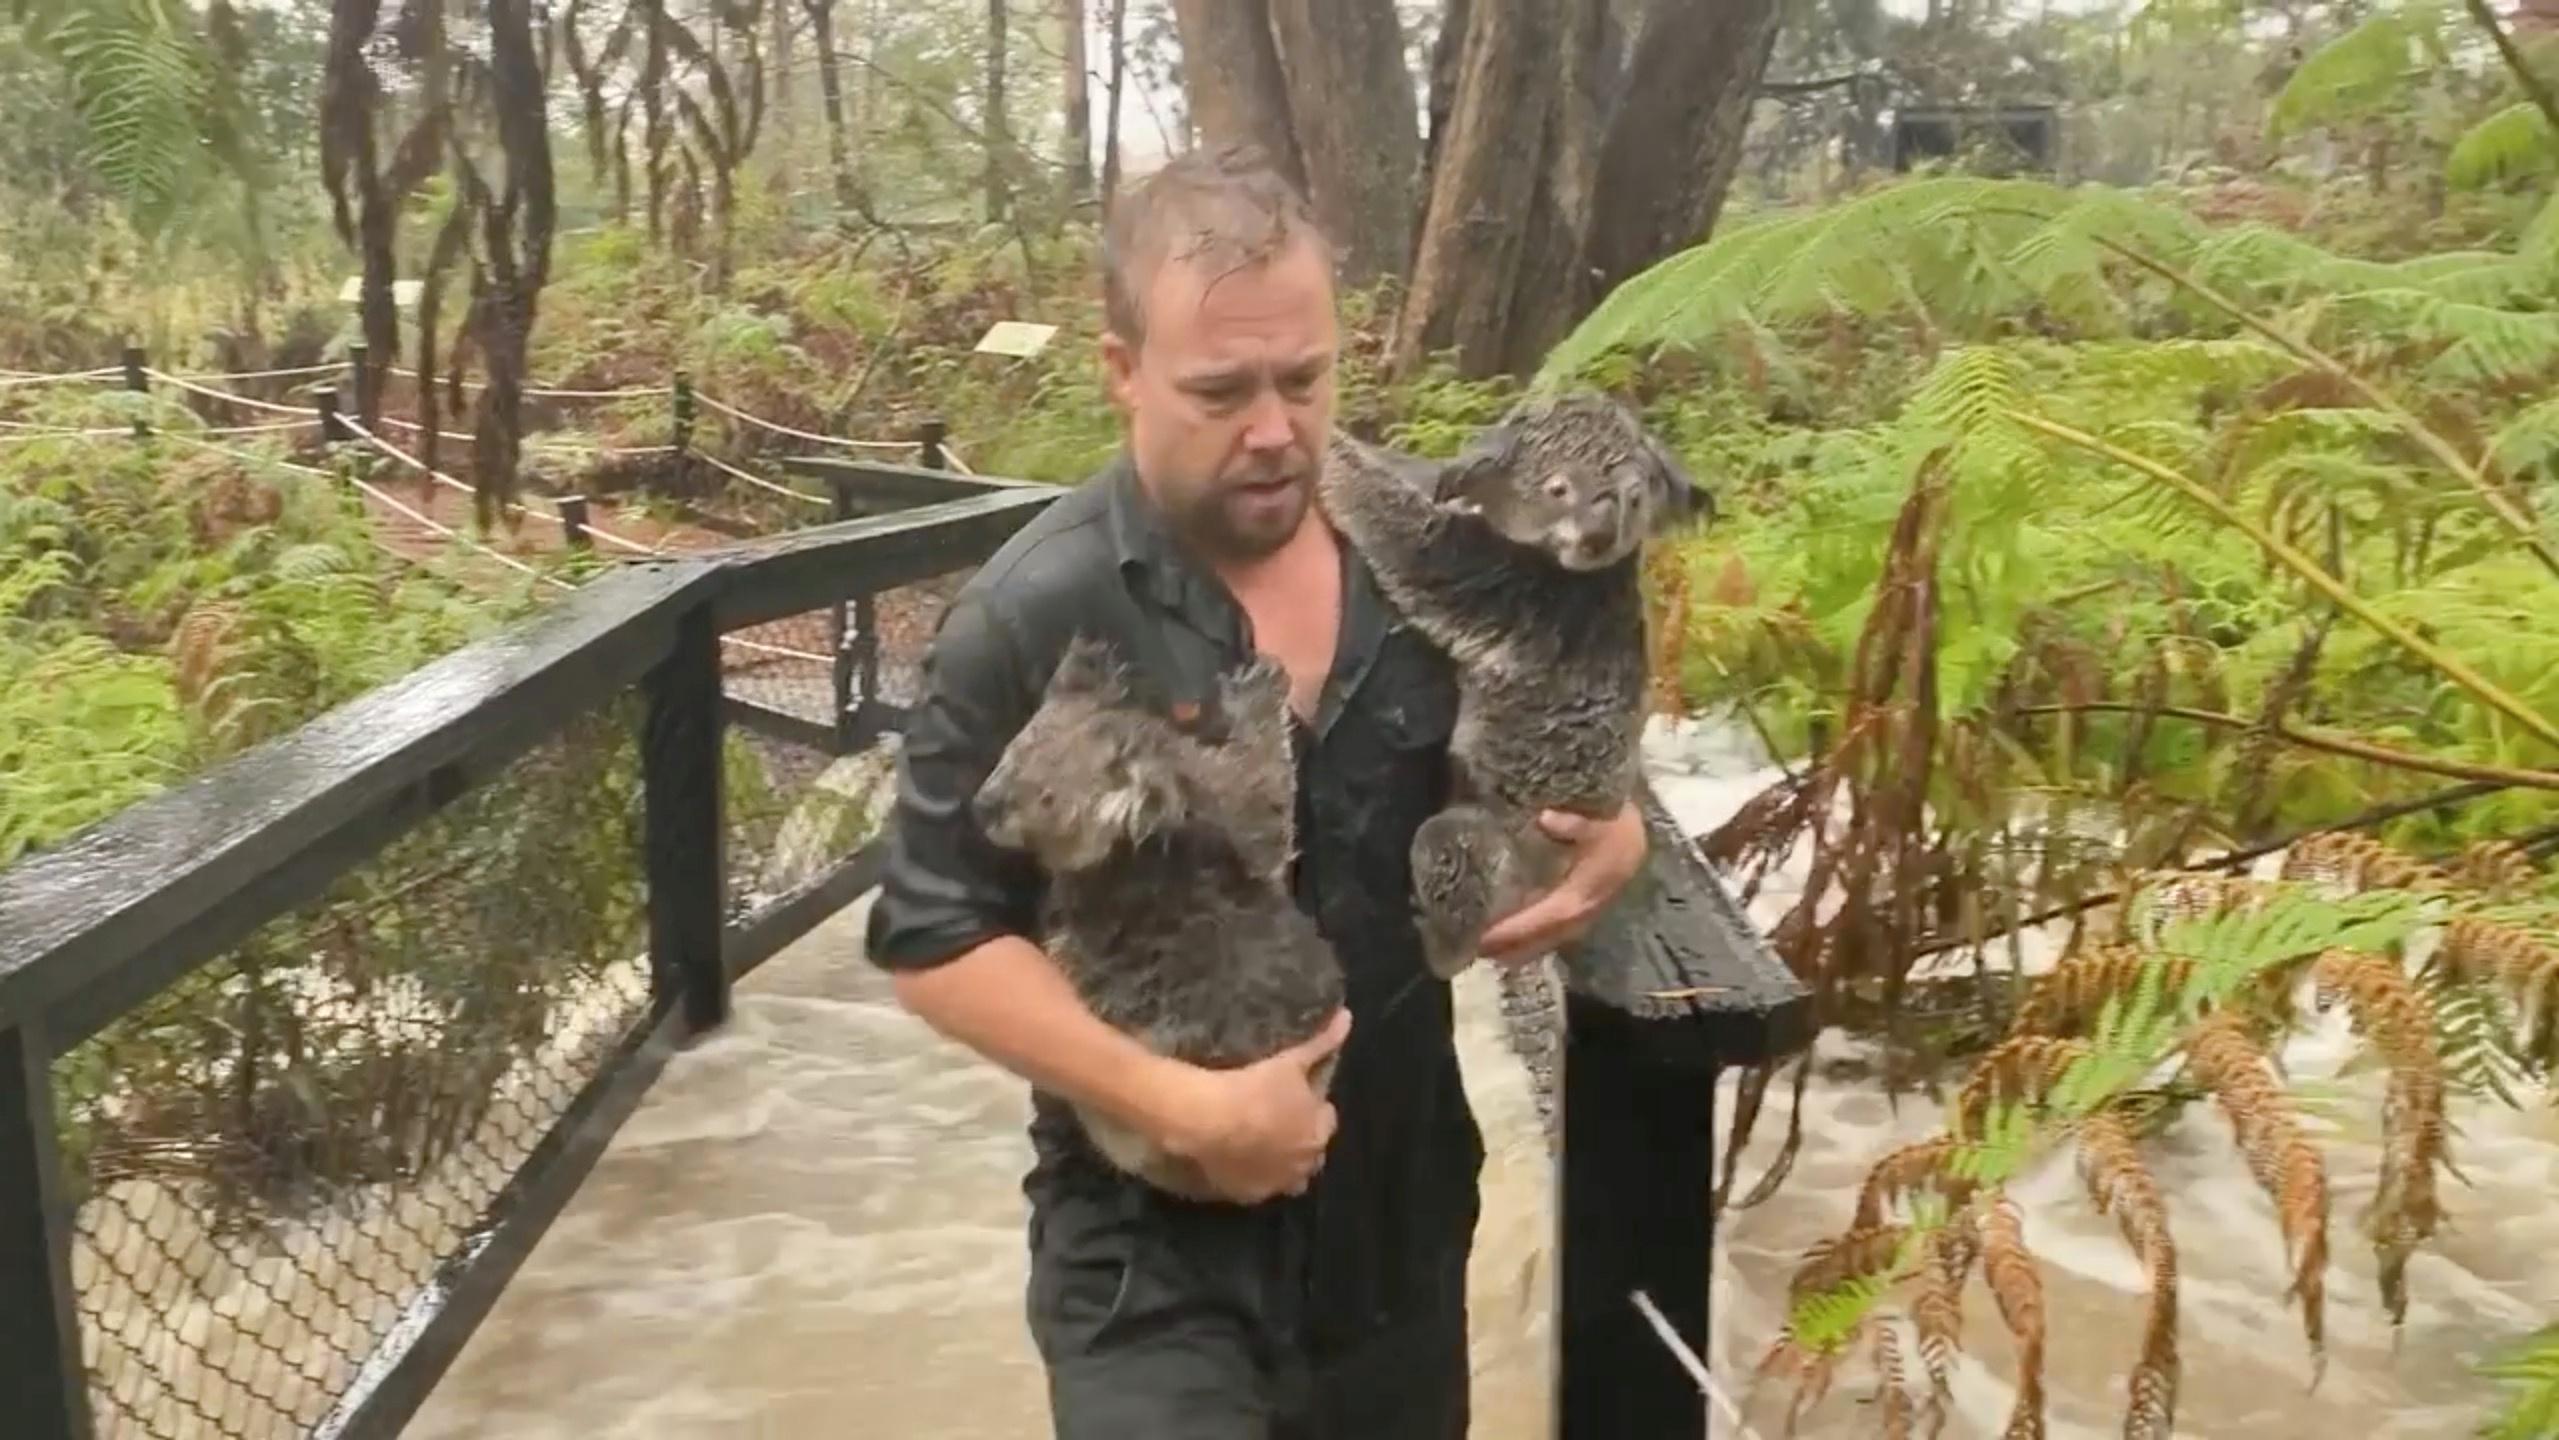 Endlich Regen: Erleichterung für Feuerwehrleute in Australien